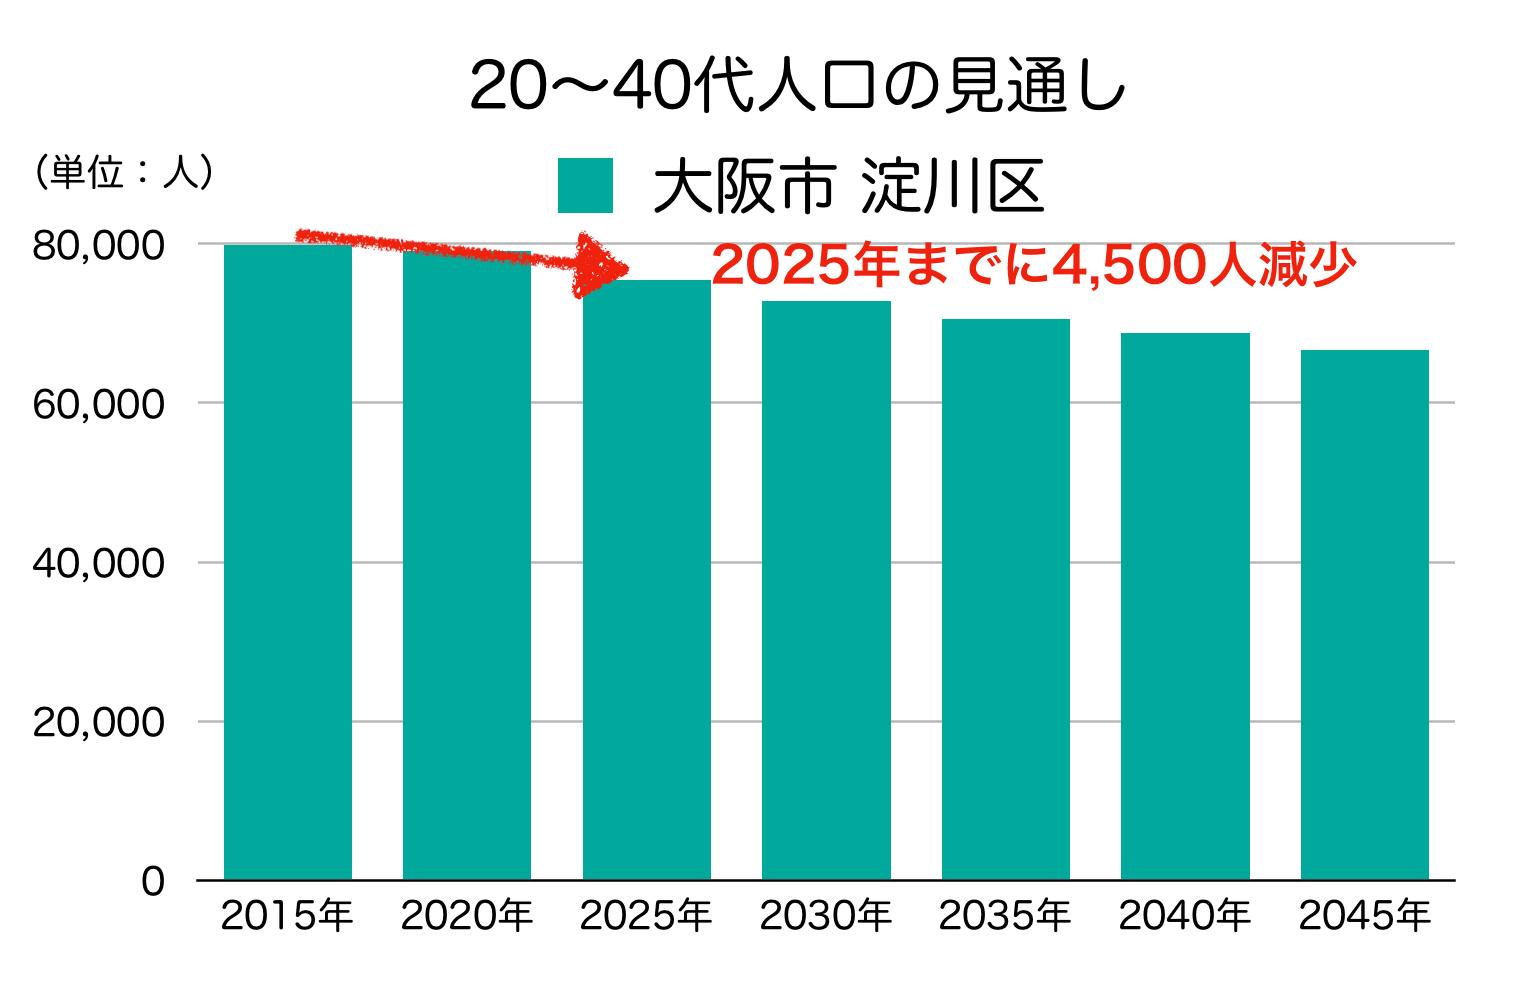 淀川区の20〜40代人口の予測